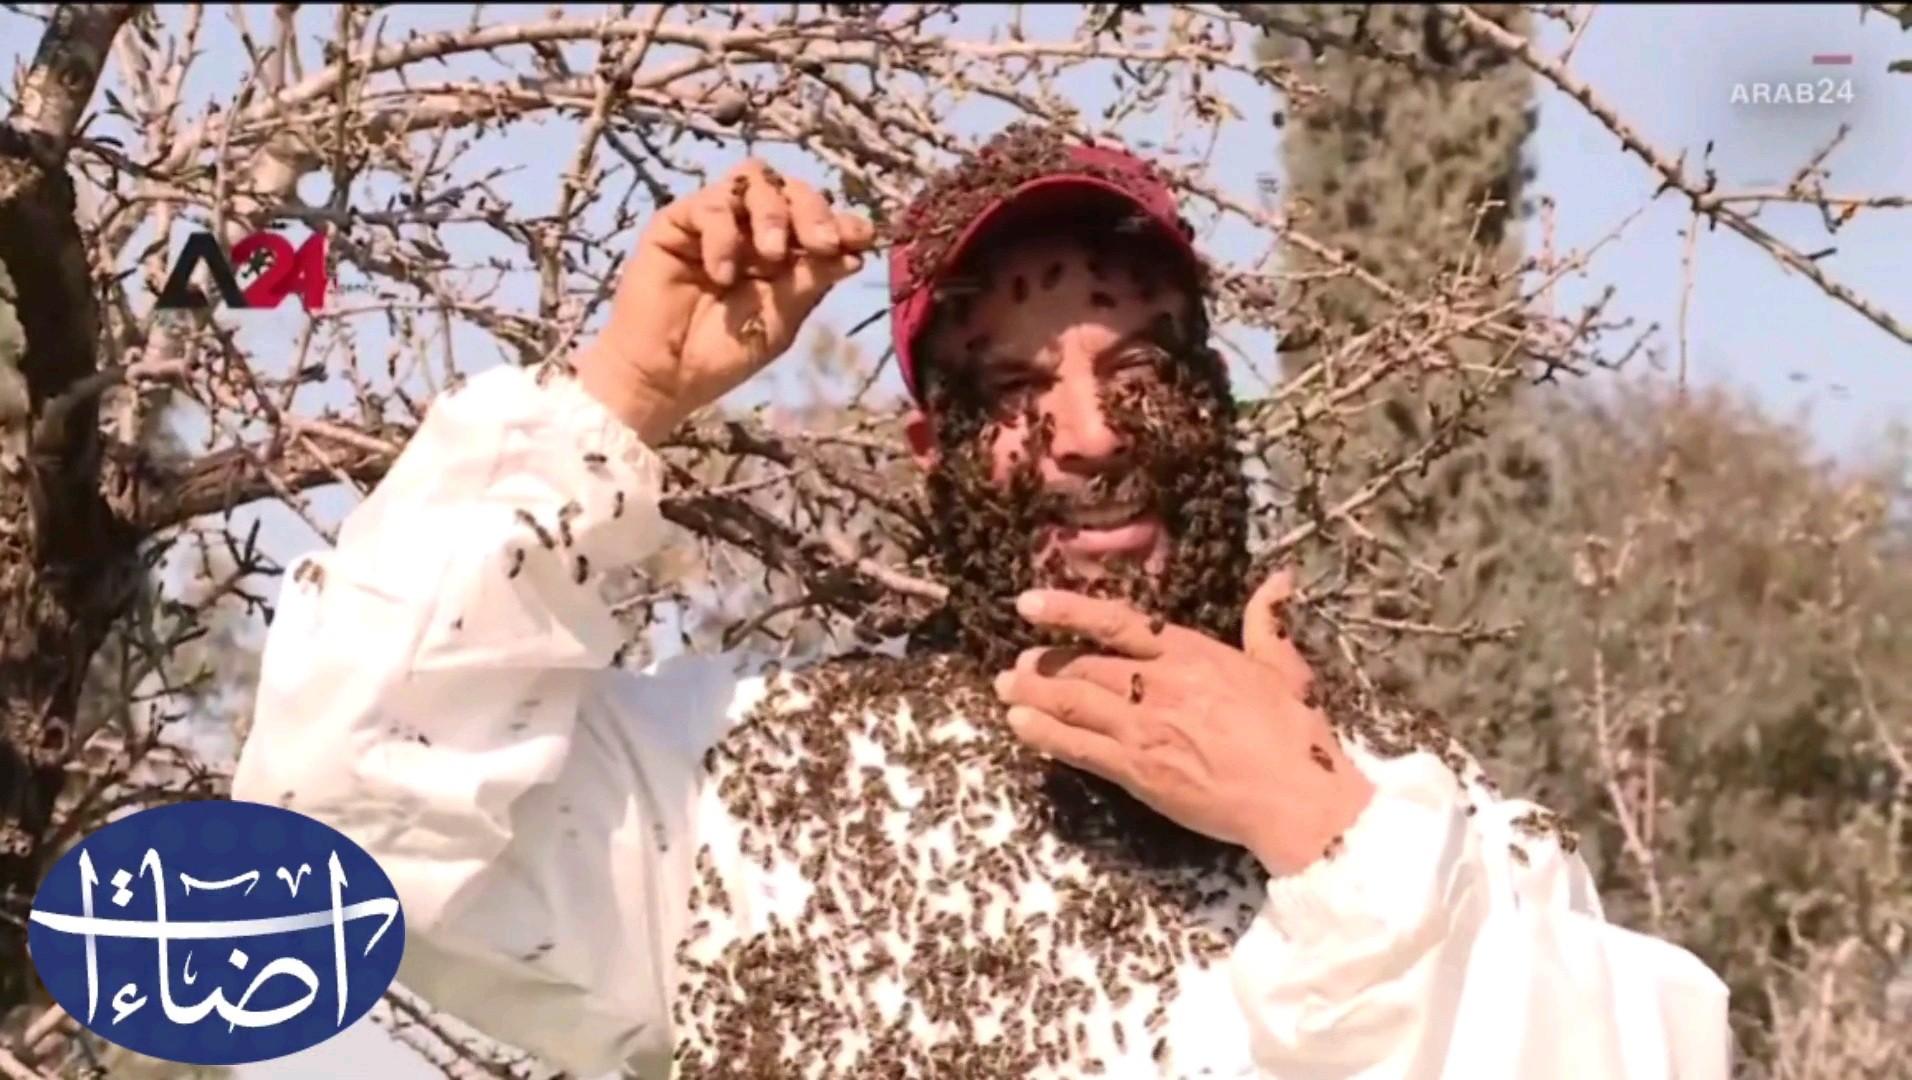 غرائب وطرائف لحية من النحل على وجه شاب تونسي إضاءات